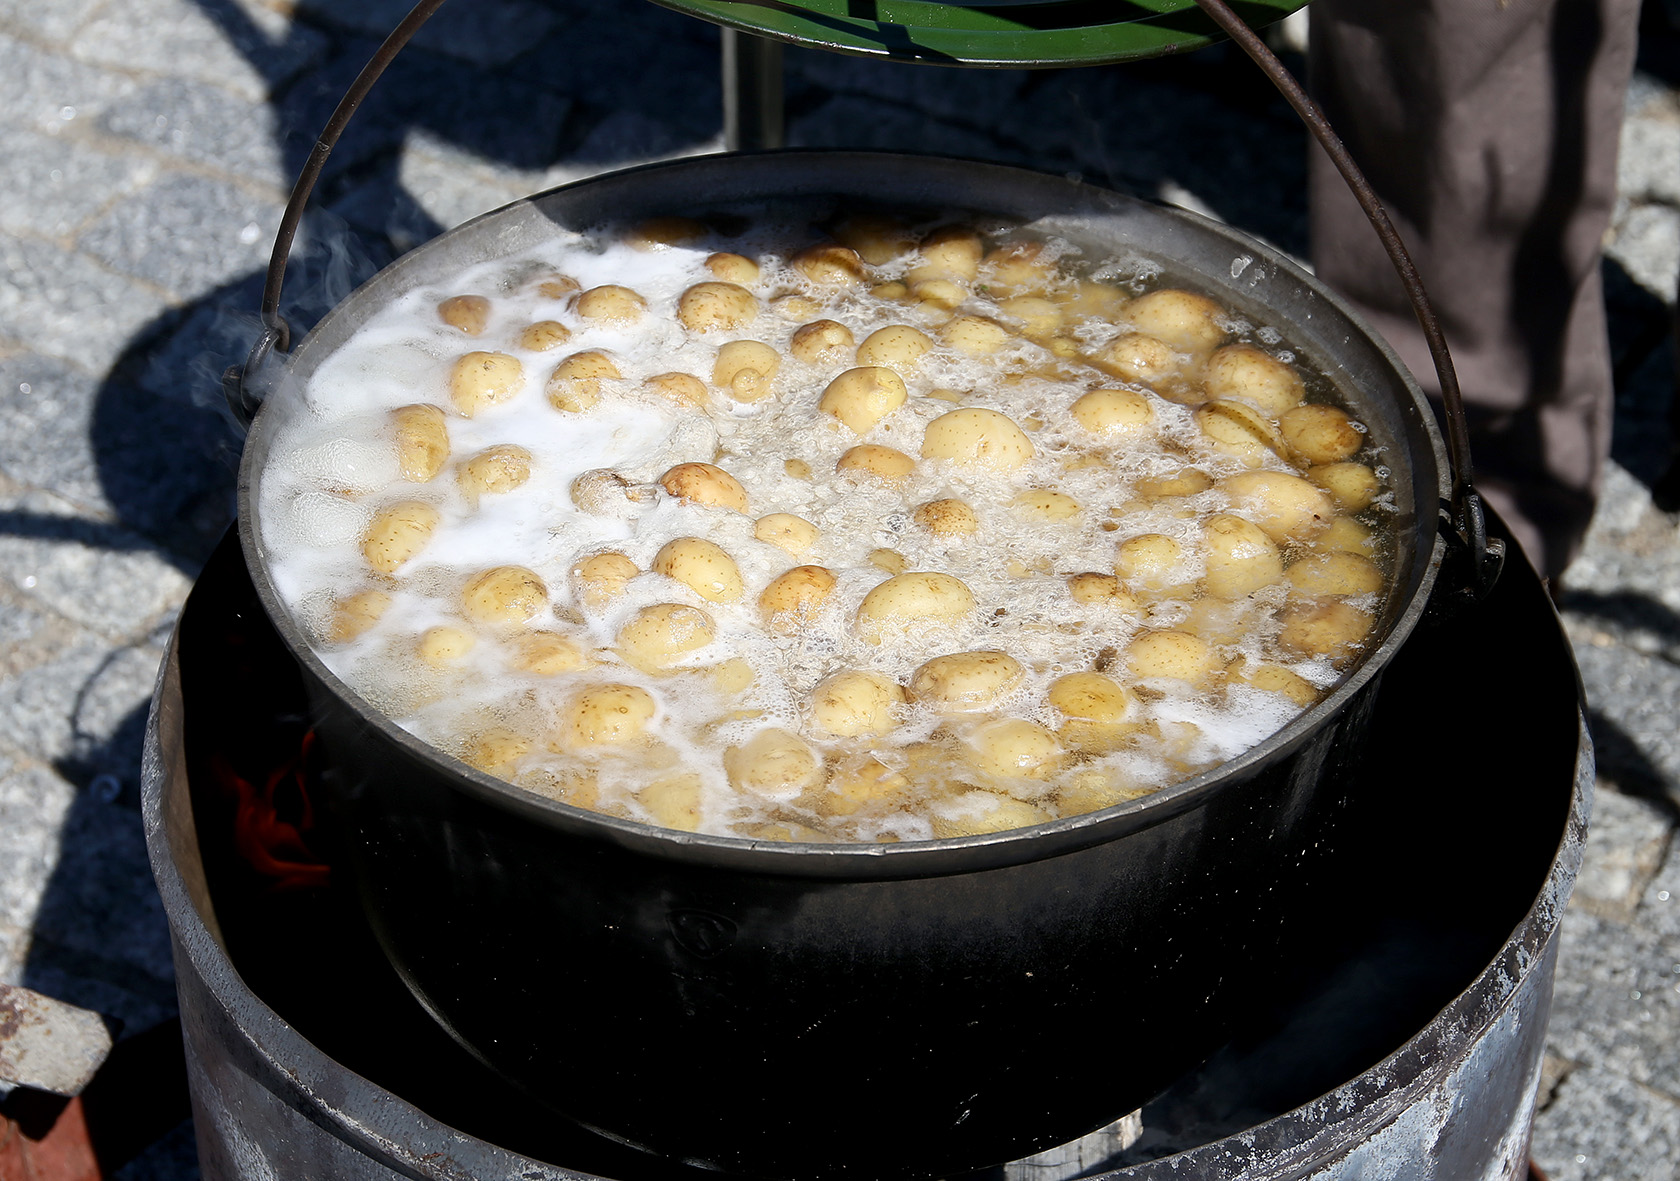 Žymiausias P. Vaitelio kulinarinis šedevras – jo giminių, bičiulių ir netgi visai nepažįstamų žmonių pamėgta avienos sriuba./ Algimanto Barzdžiaus nuotr.